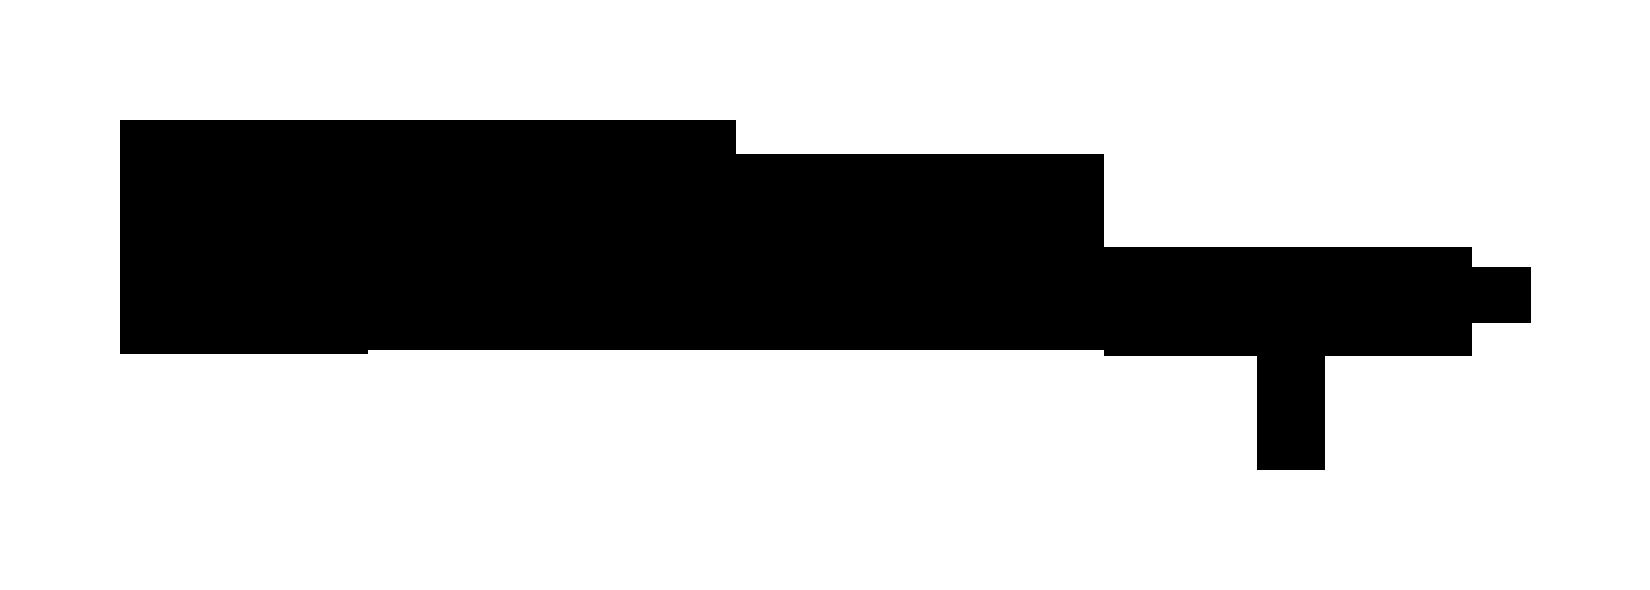 Logo News Corp.png